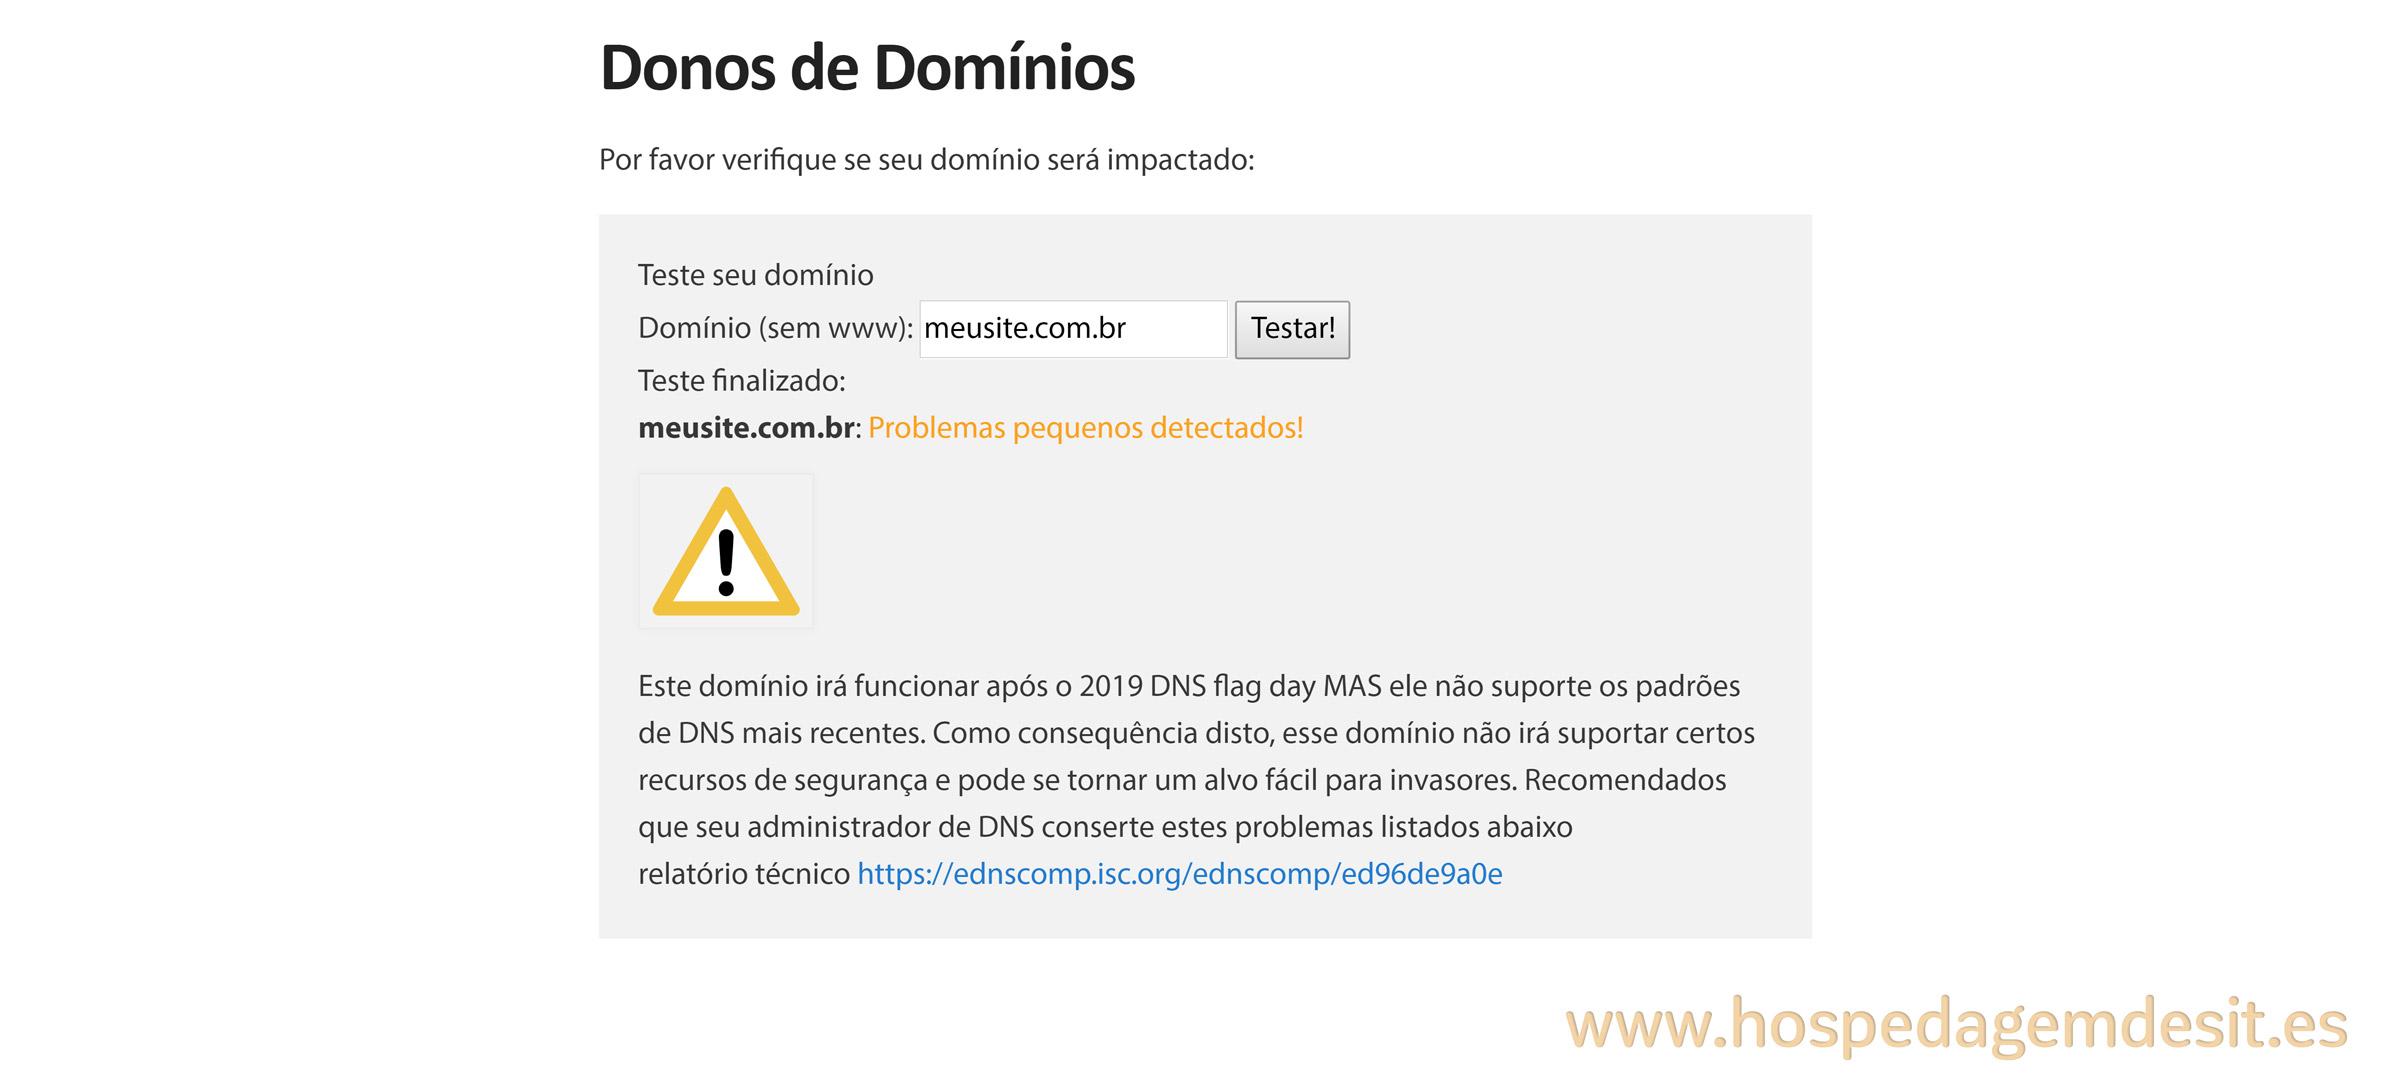 dnsflagday dominio com servidor que requer atenção